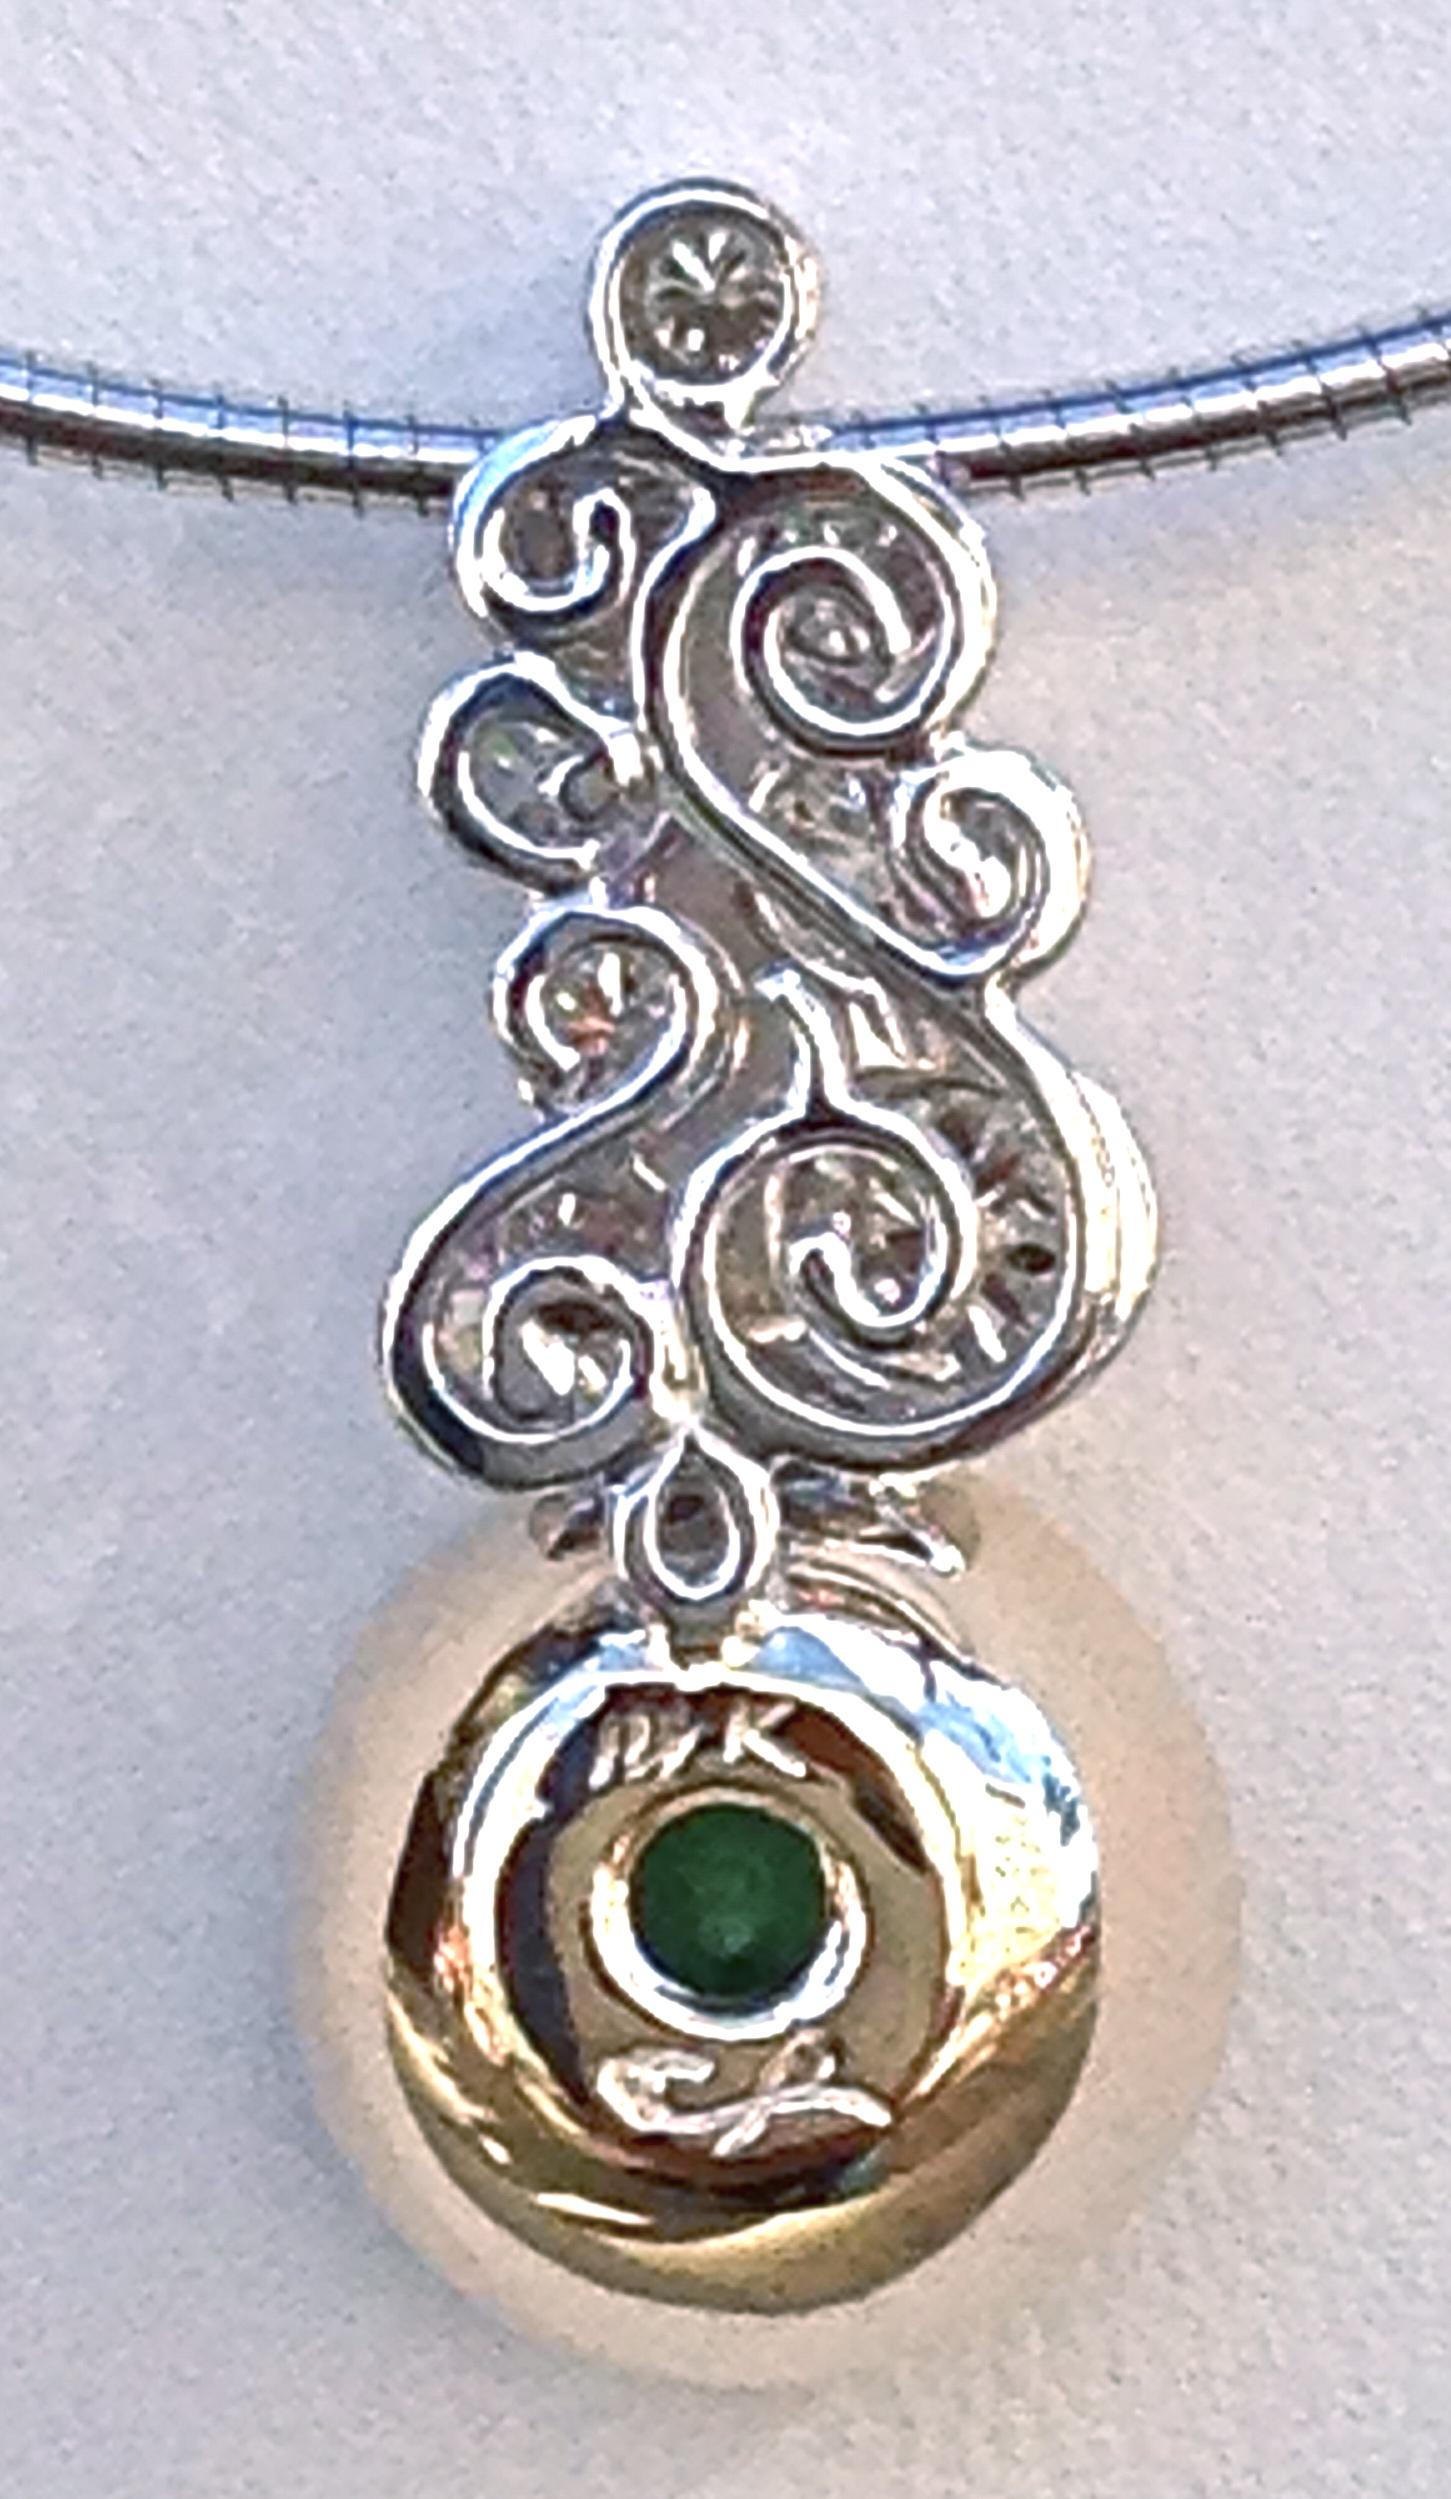 Craft-Revival Jewelers, unique pendant, unqiue necklace, green tourmaline, tourmaline pendant